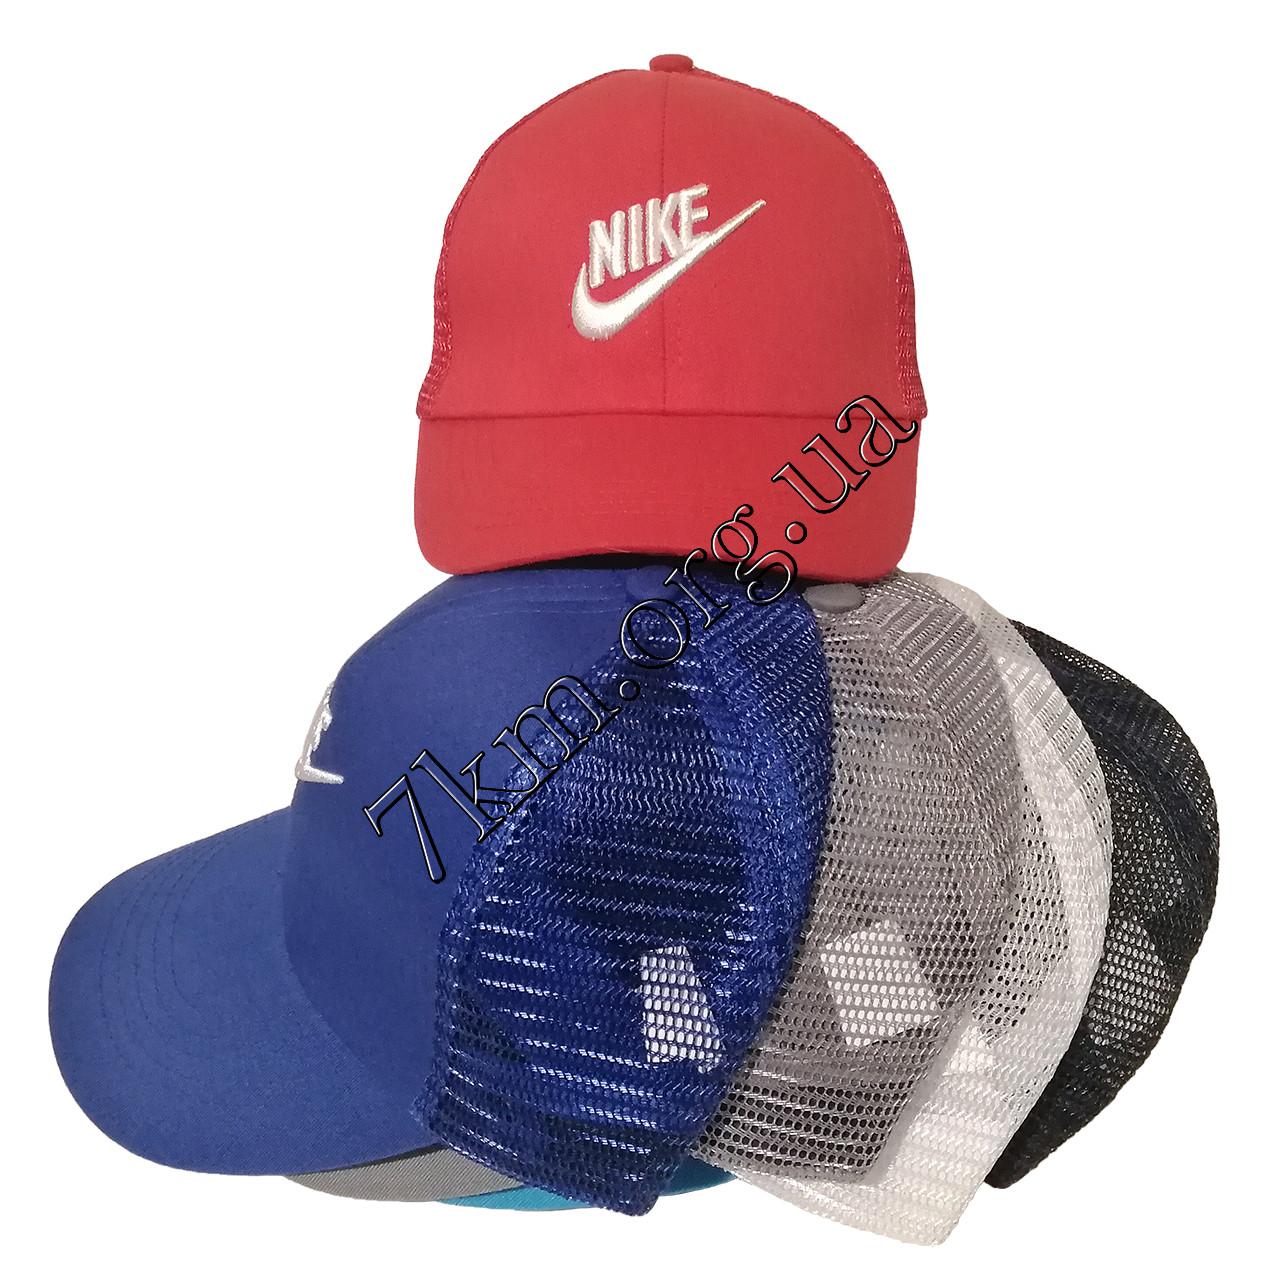 """Кепка детская для мальчиков Реплика """"Nike"""" 54-55 р. хлопок +сетка Оптом 8057"""